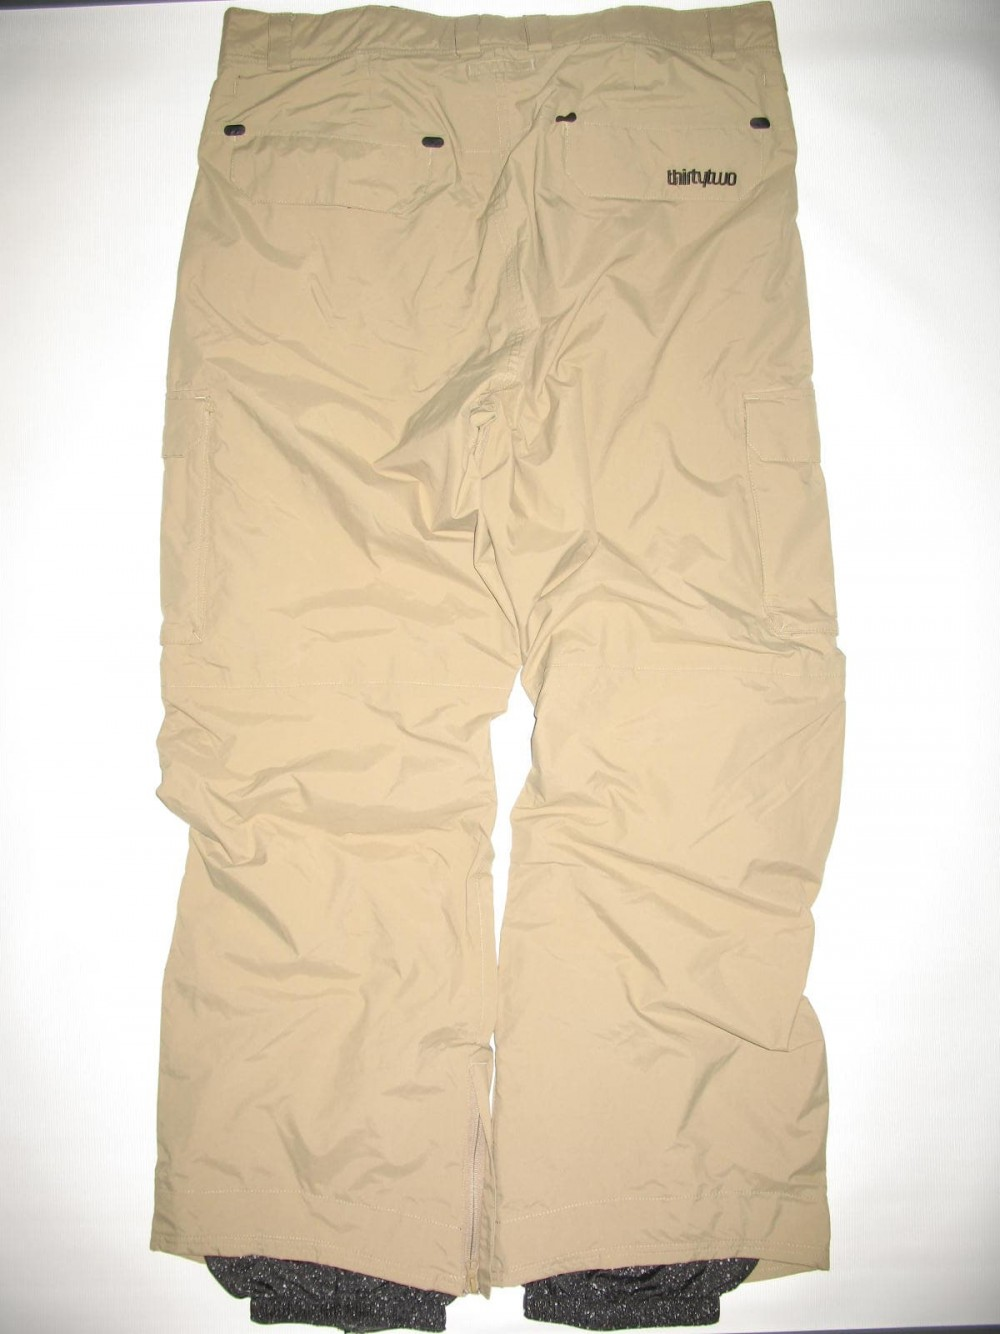 Штаны 32THIRTYTWO shilooh snowboard pants (размер XL) - 7